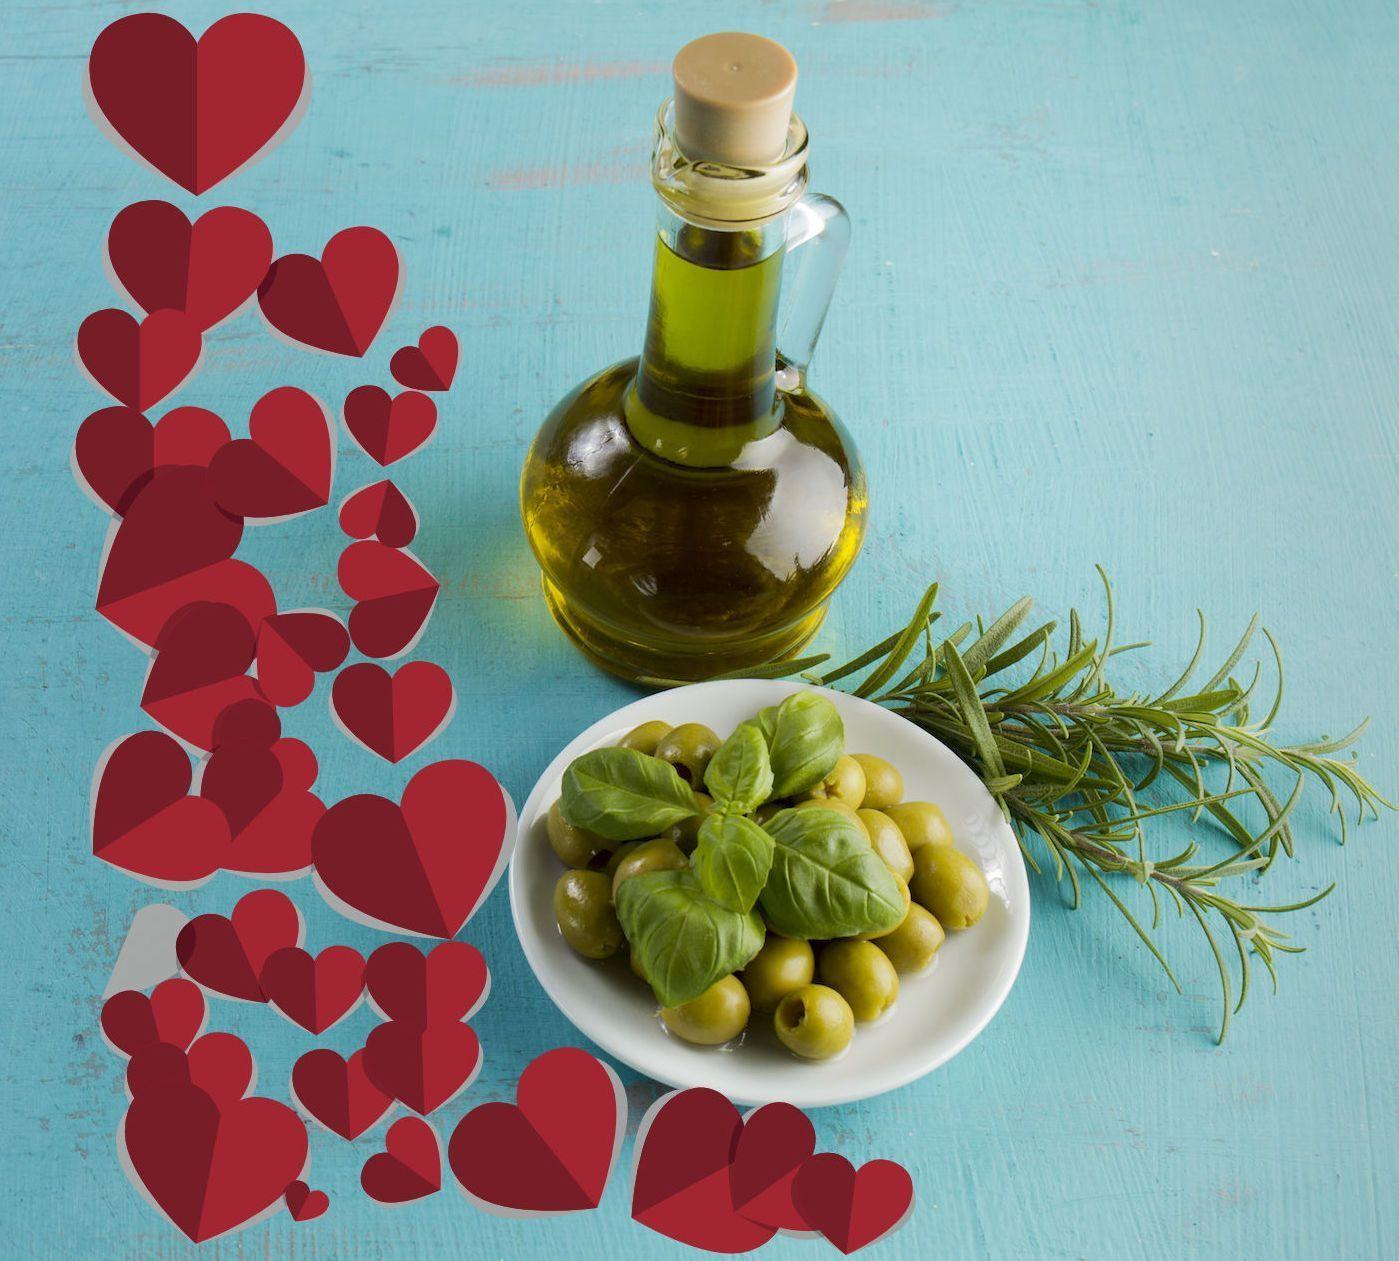 Aceite de oliva virgen extra: 5 razones para amarlo